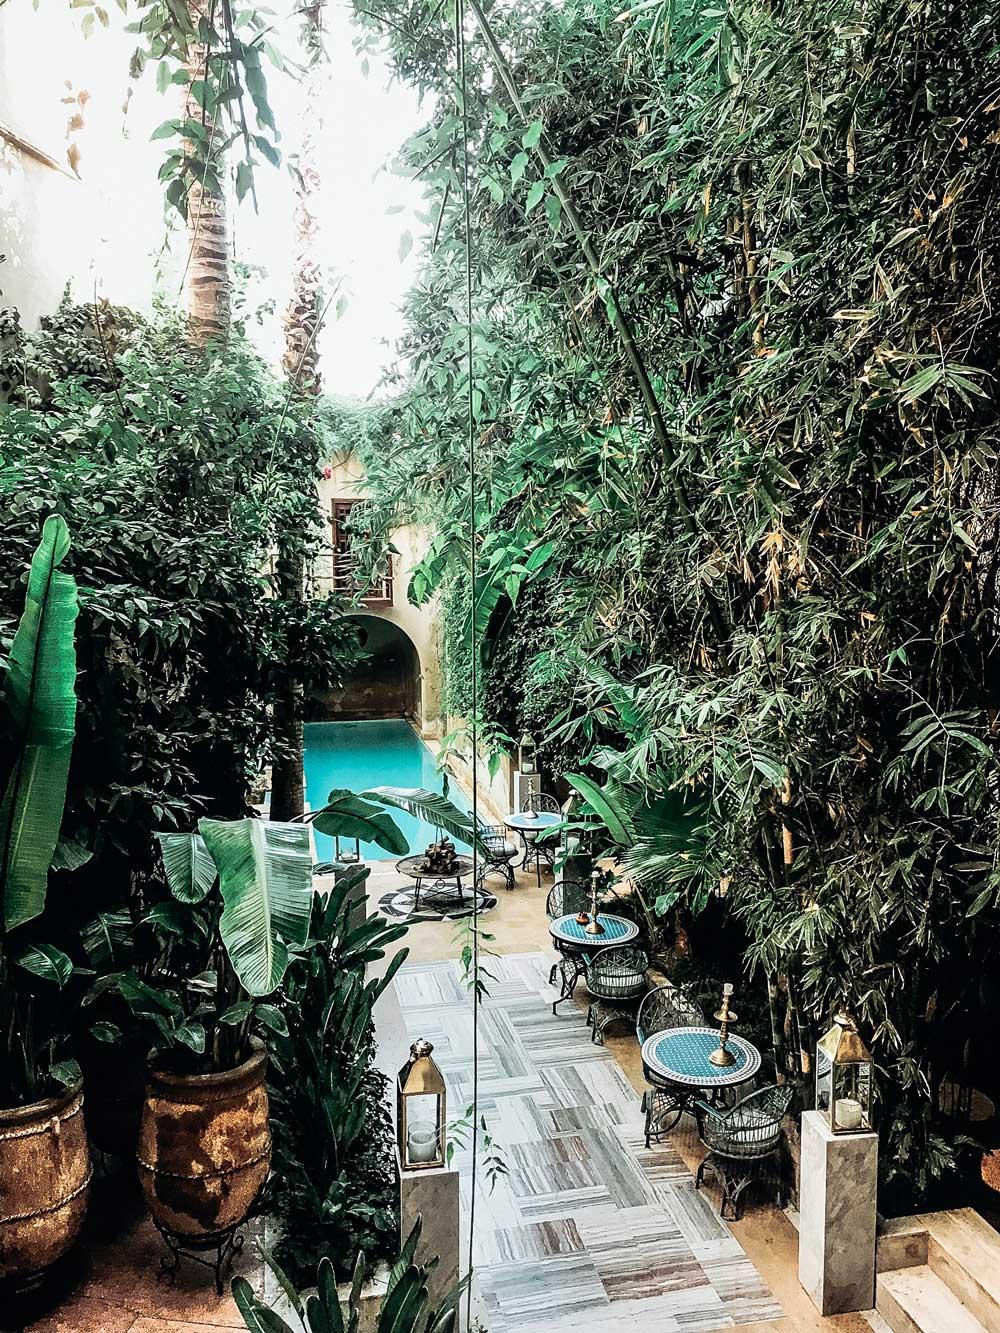 Hotspots Marrakesch